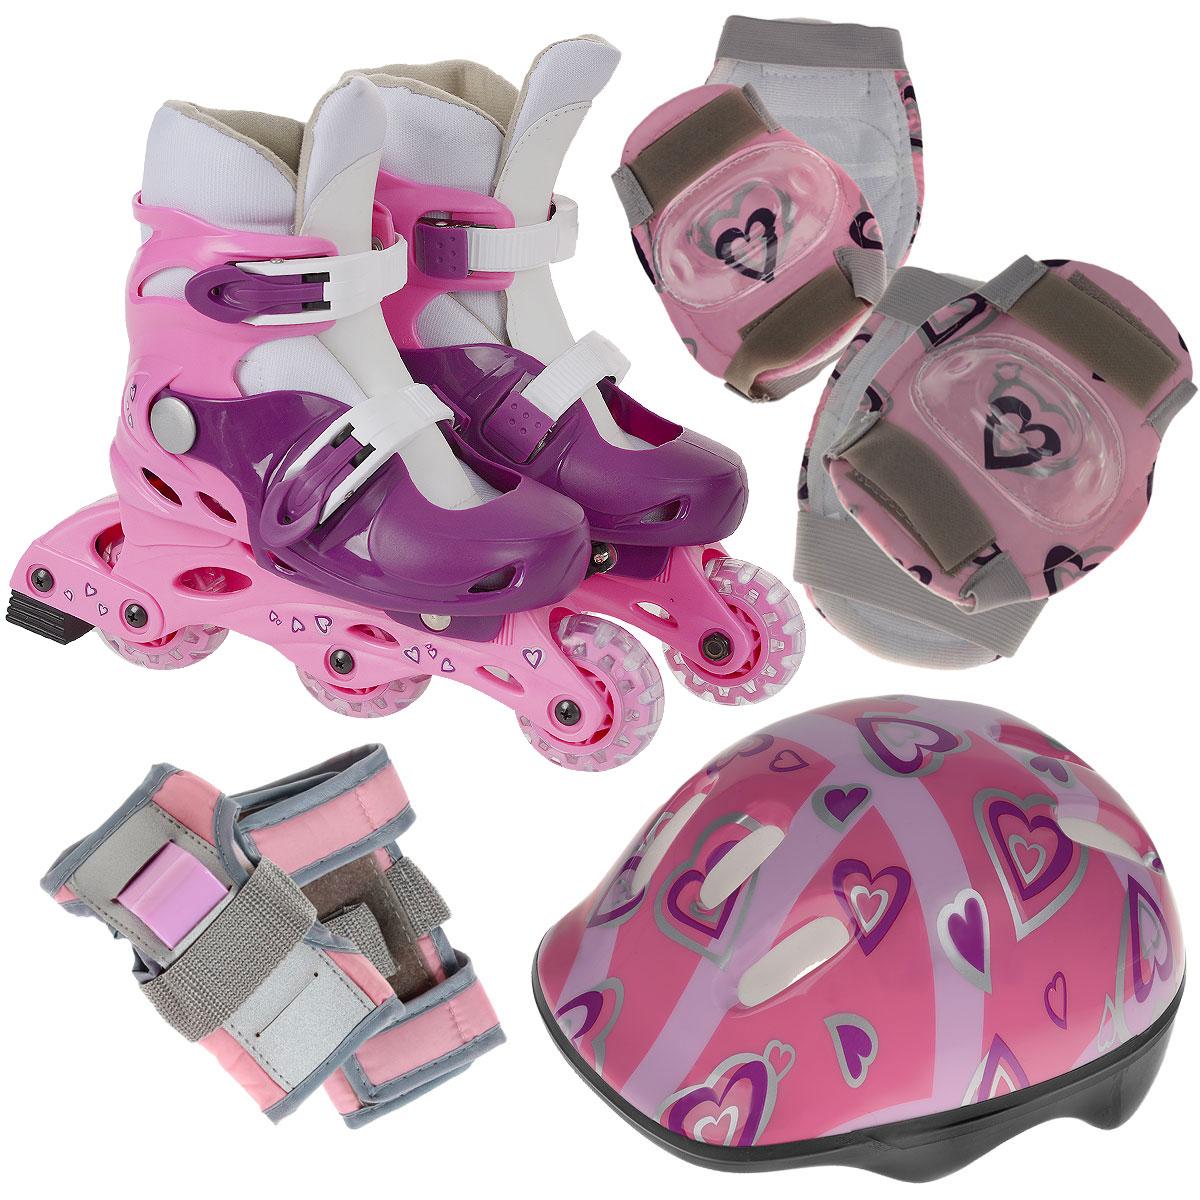 Набор Action: коньки роликовые, защита, шлем, цвет: розовый. PW-120P. Размер 31/34PW-120PРаздвижные коньки Action - это роликовые коньки любительского класса для детей и постоянно растущих подростков, предназначены для занятий спортом и активного отдыха.Коньки имеют пластиковый ботинок со съемным сапожком с раздвижным механизмом, что обеспечивает хорошую посадку и пластичность, а для еще более комфортного катания ботинки коньков оснащены двумя клипсами с фиксаторами. Облегченная, анатомически облегающая конструкция обеспечивает улучшенную боковую поддержку и полный контроль над движением.Рама изготовлена из пластика, а колеса из полиуретана с 608Z. Диаметр колес 64 мм. В каждой модели роликов есть тормоз. К роликам прилагается полный комплект защиты: шлем (из плотного пенопласта с верхним покрытием из пластика), защита рук, коленей, локтей. Двухкомпонентная система с внутренними вставками поглощает энергию удара, снимает нагрузку с суставов и снижает риск получения травм. Все это упаковано в специальную сумку-переноску с прозрачными окном. Роликовые коньки - это прекрасная возможность активного время провождения, отличный способ снять напряжение после трудового дня, пообщаться с друзьями, завести новые знакомства и повысить свою самооценку. При выборе роликовых коньков следует заботиться не о цвете, внешнем виде или фирме-производителе, а о том, чтобы вам и вашему ребенку было удобно и комфортно в выбранной модели, и чтобы нога надежно и плотно фиксировалась в коньке, но в то же время ее ничто не стягивало. Нельзя покупать ролики на пять размеров больше, но и нельзя покупать размер в размер. Ролики должны быть на один, максимум два размера больше ноги. УВАЖАЕМЫЕ КЛИЕНТЫ!Обращаем ваше внимание на различие в количестве колес в зависимости от размеров роликов: ролики размером 31/34 поставляются с 3 колесами, размером 35/38 - с 4.